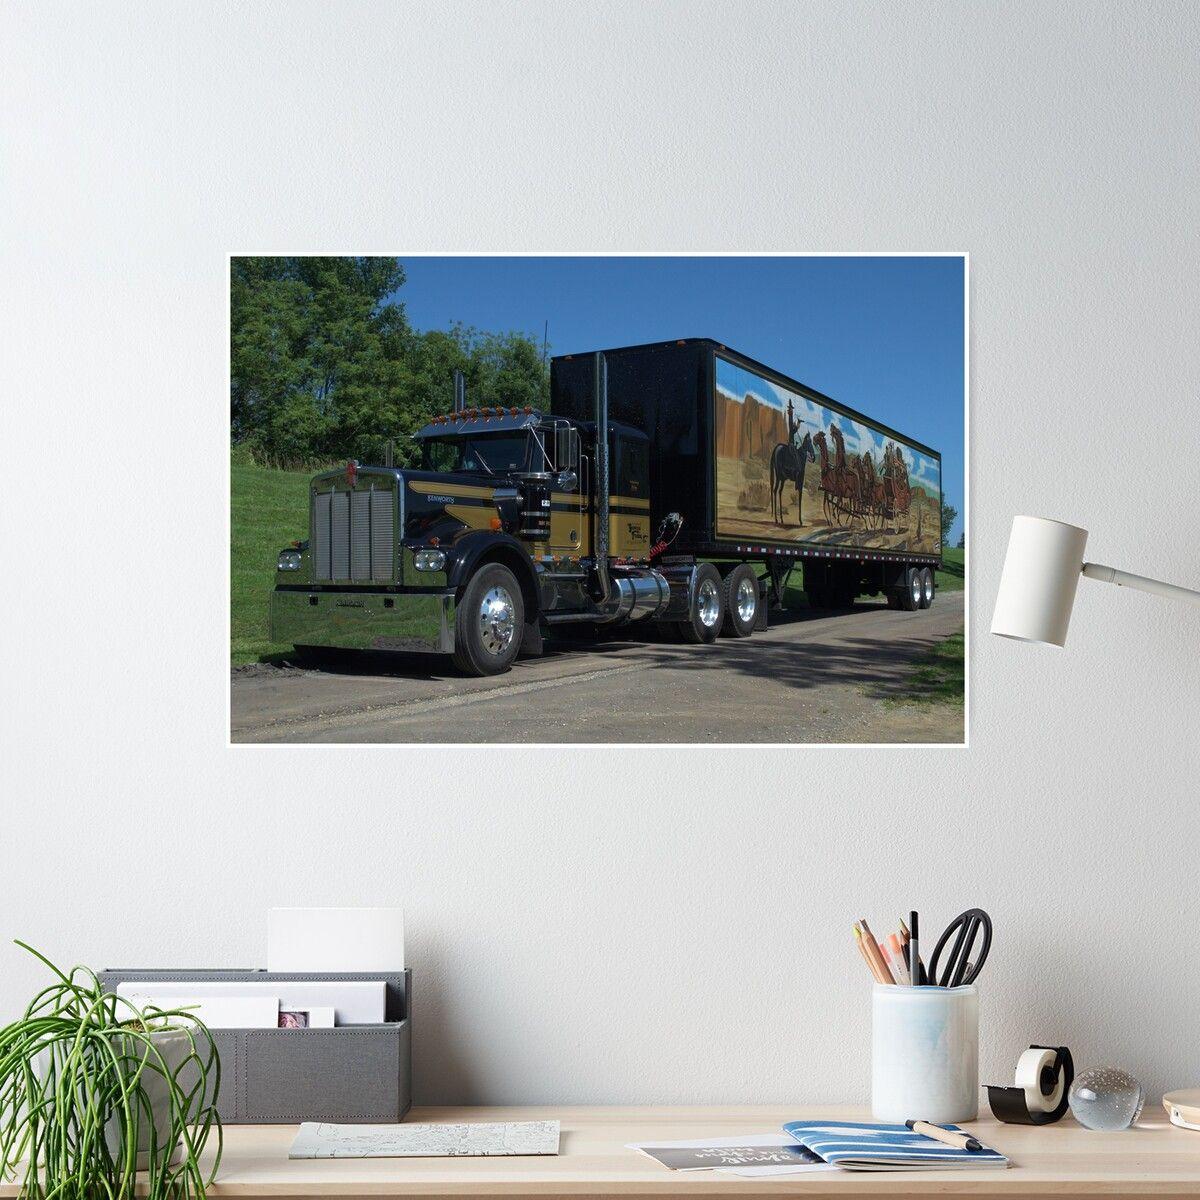 Smokey The Bandit Tribute Kenworth Semi Truck Poster In 2020 Kenworth Smokey And The Bandit Semi Trucks